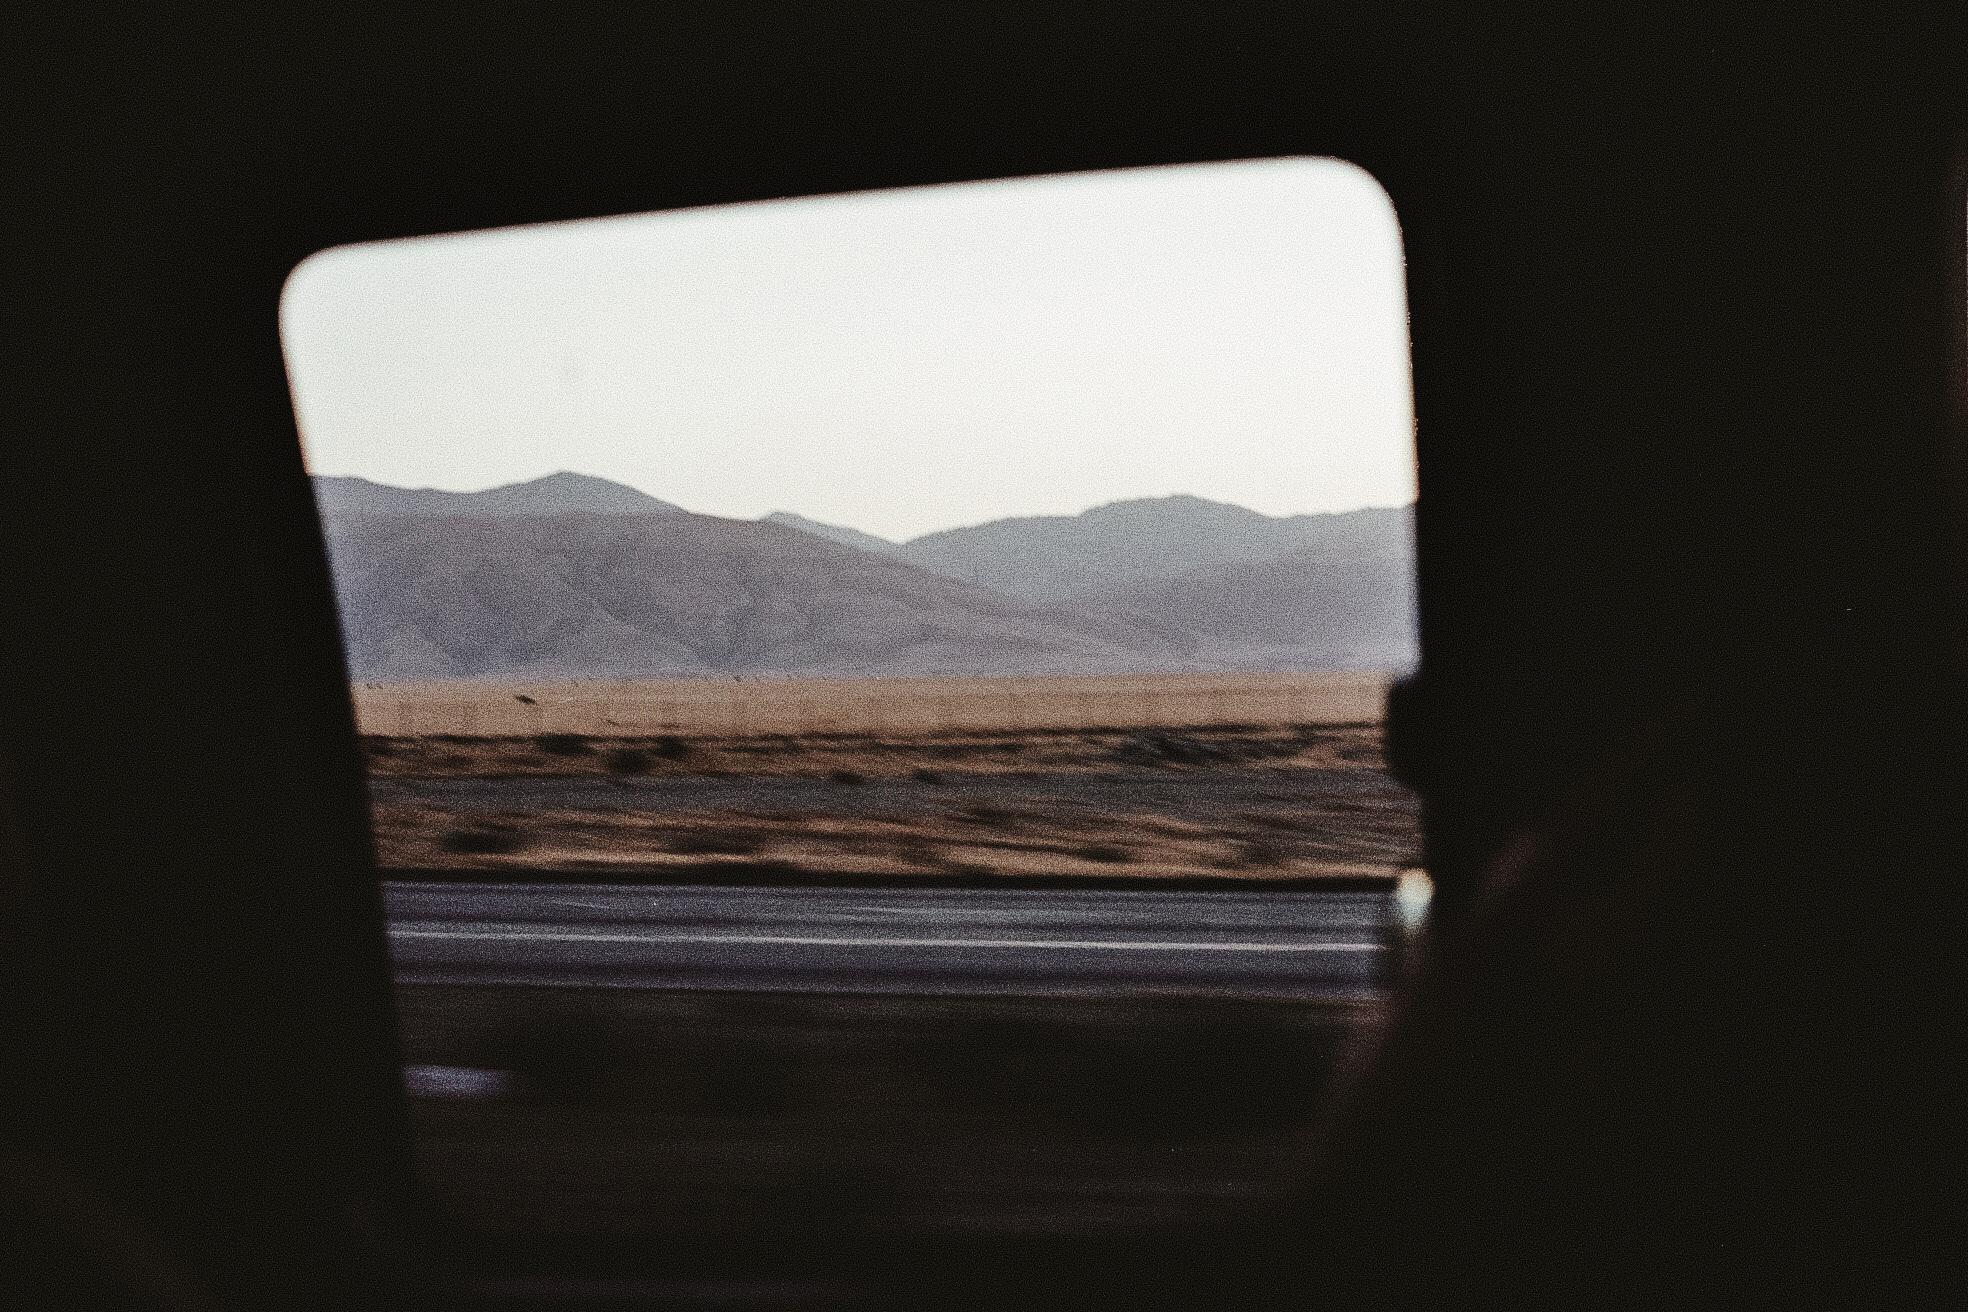 desert_harveypearson.jpg